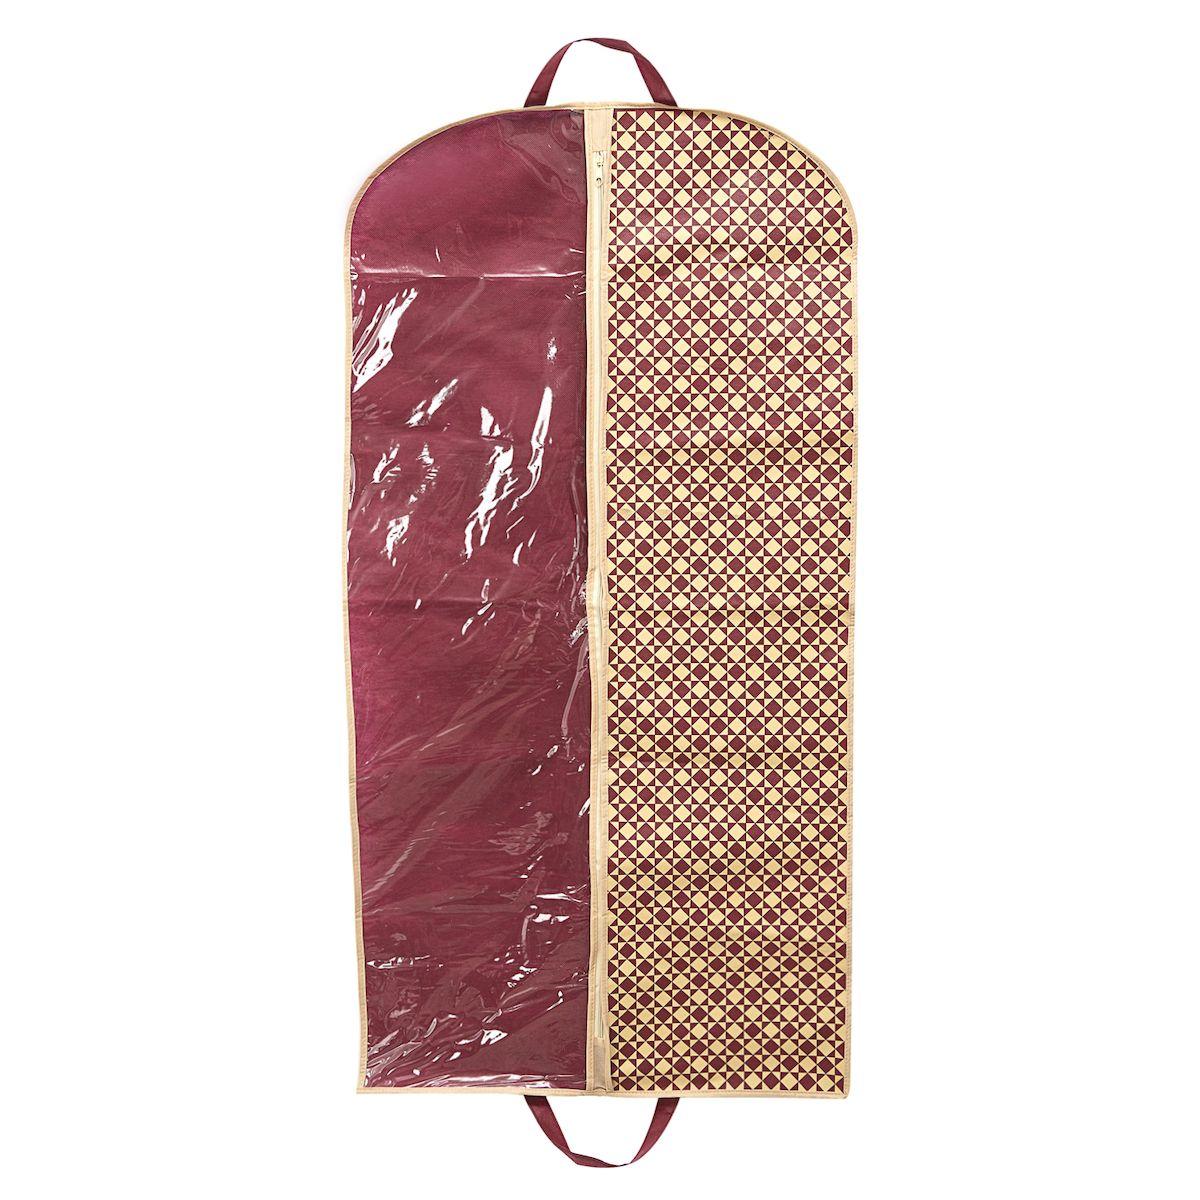 Чехол для одежды Homsu Bordo, подвесной, с прозрачной вставкой, 120 х 60 смHOM-393Подвесной чехол для одежды Homsu Bordo на застежке-молнии выполнен из высококачественного нетканого материала. Чехол снабжен прозрачной вставкой из ПВХ, что позволяет легко просматривать содержимое. Изделие подходит для длительного хранения вещей. Чехол обеспечит вашей одежде надежную защиту от влажности, повреждений и грязи при транспортировке, от запыления при хранении и проникновения моли. Чехол позволяет воздуху свободно поступать внутрь вещей, обеспечивая их кондиционирование. Это особенно важно при хранении кожаных и меховых изделий. Чехол для одежды Homsu Bordo создаст уютную атмосферу в гардеробе. Лаконичный дизайн придется по вкусу ценительницам эстетичного хранения и сделают вашу гардеробную изысканной и невероятно стильной. Размер чехла: 120 х 60 см.